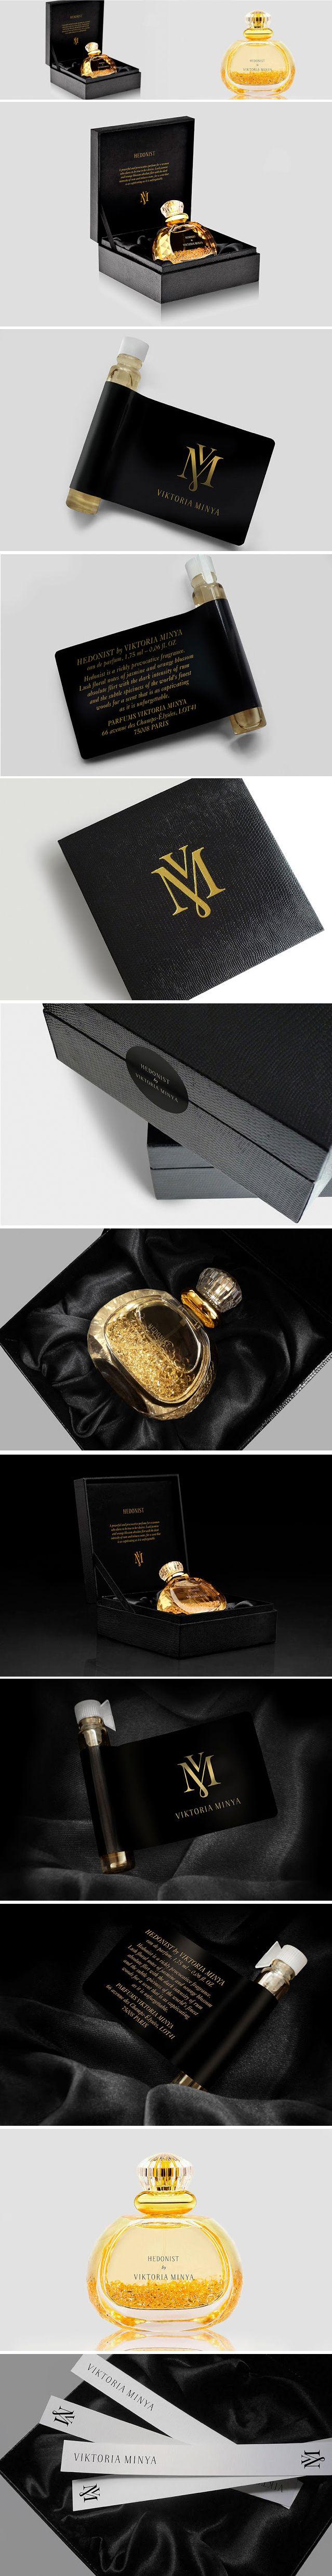 FLAKON PERFUM VIKTORIA MINYA   http://opakowaniaswiata.pl/flakon-perfum-viktoria-minya/